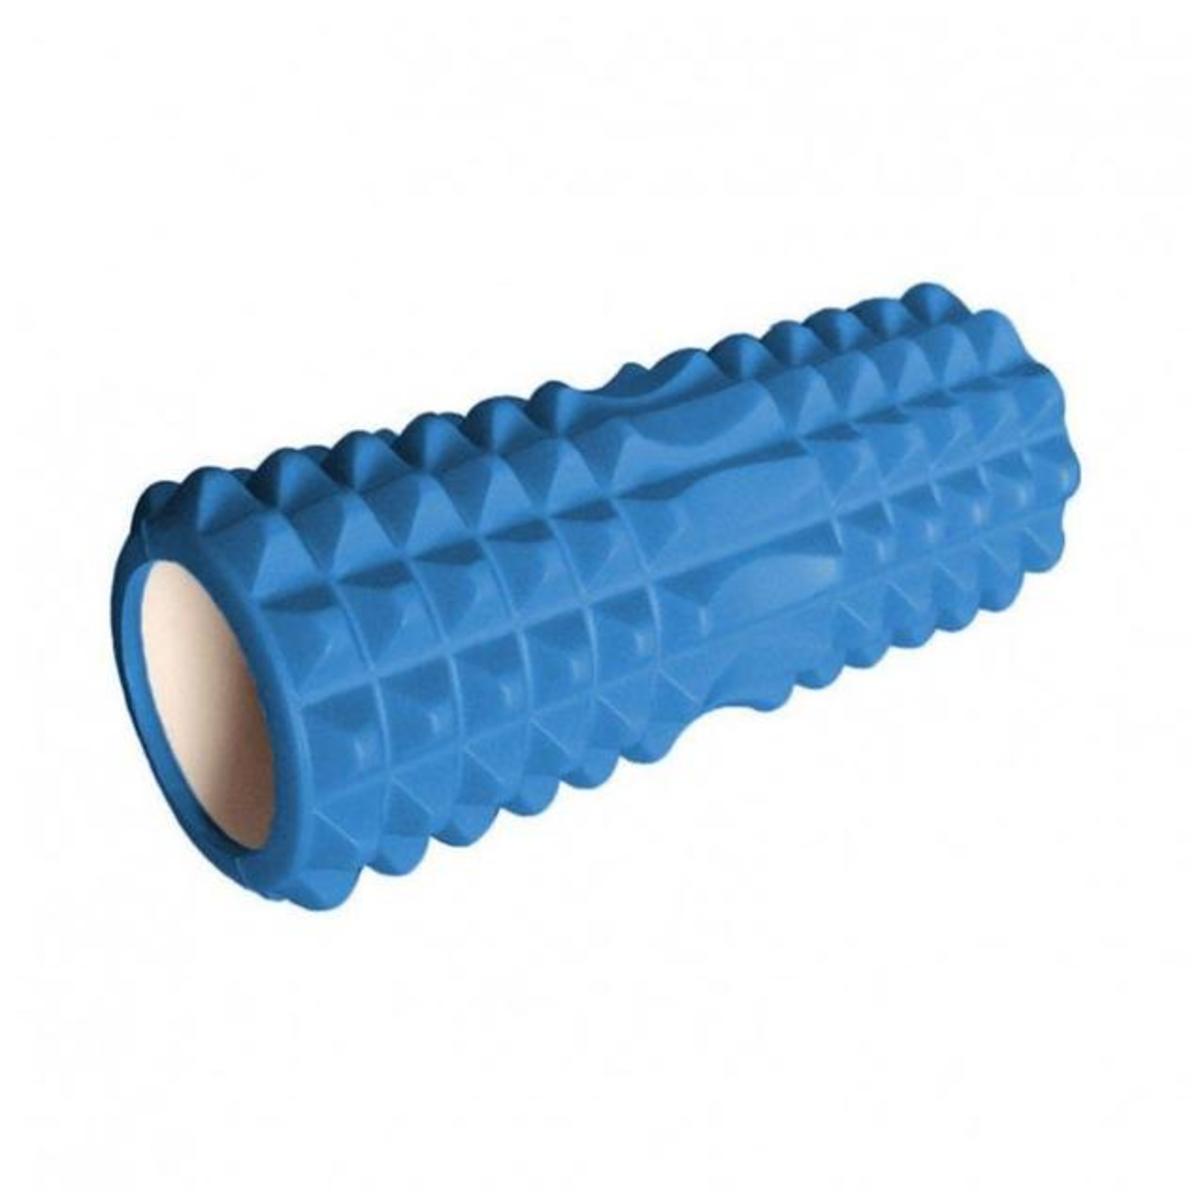 EVA月牙形空心瑜伽柱 瑜伽棒 (黑/藍/紫/粉紅) - 藍色